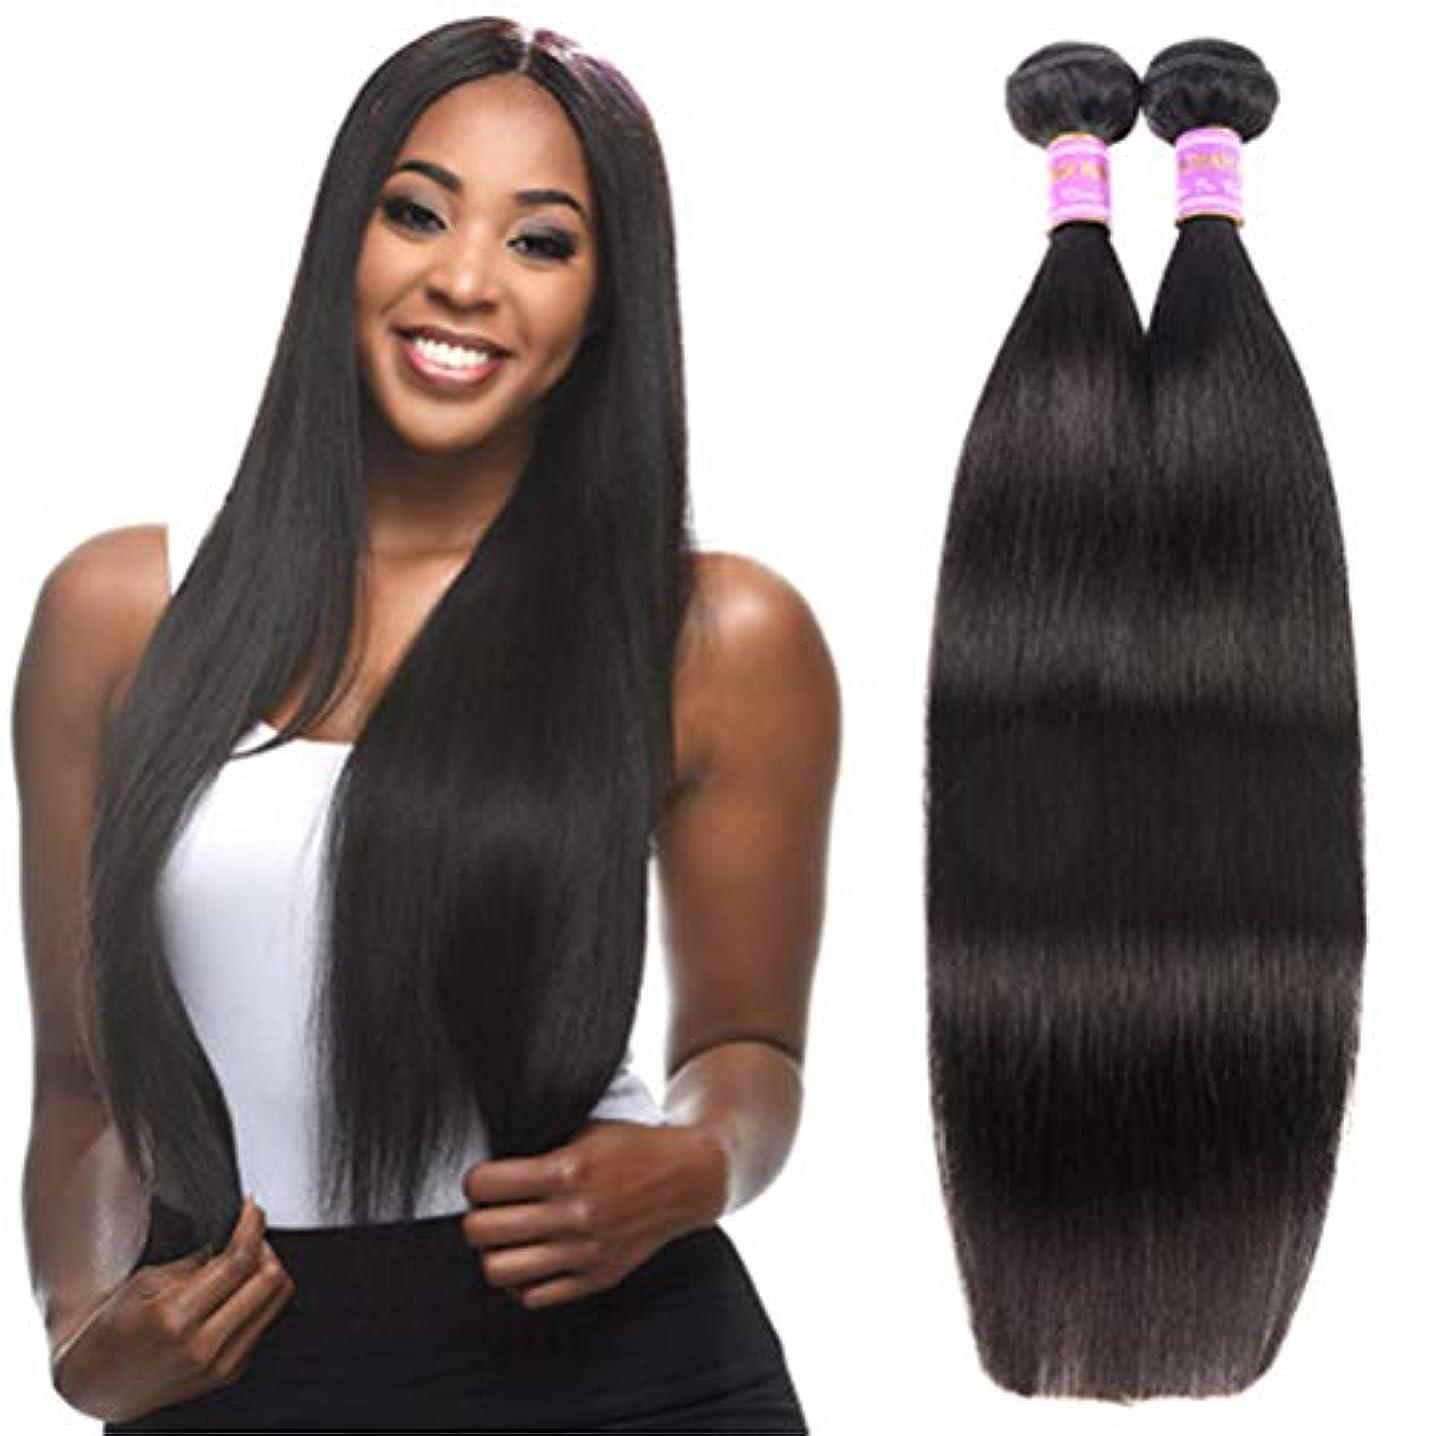 リークビート決定髪織り女性150%密度ブラジルストレートヘアバンドル安いブラジル髪バンドルストレート人間の髪の毛